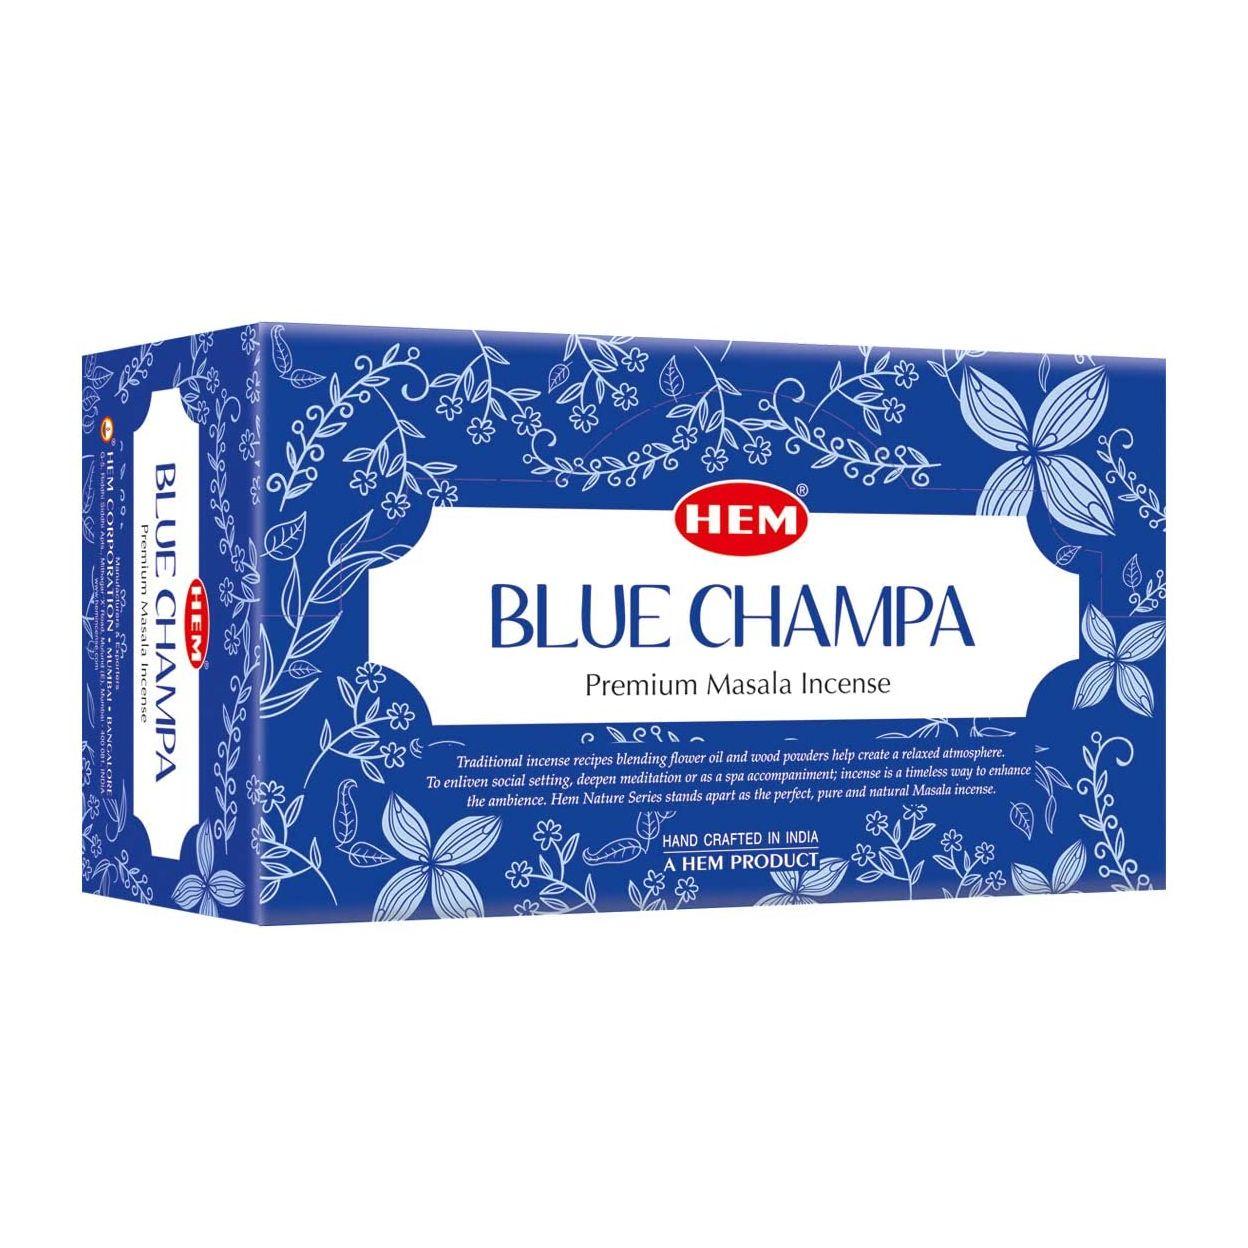 Hem Blue Champa (masala) 15g